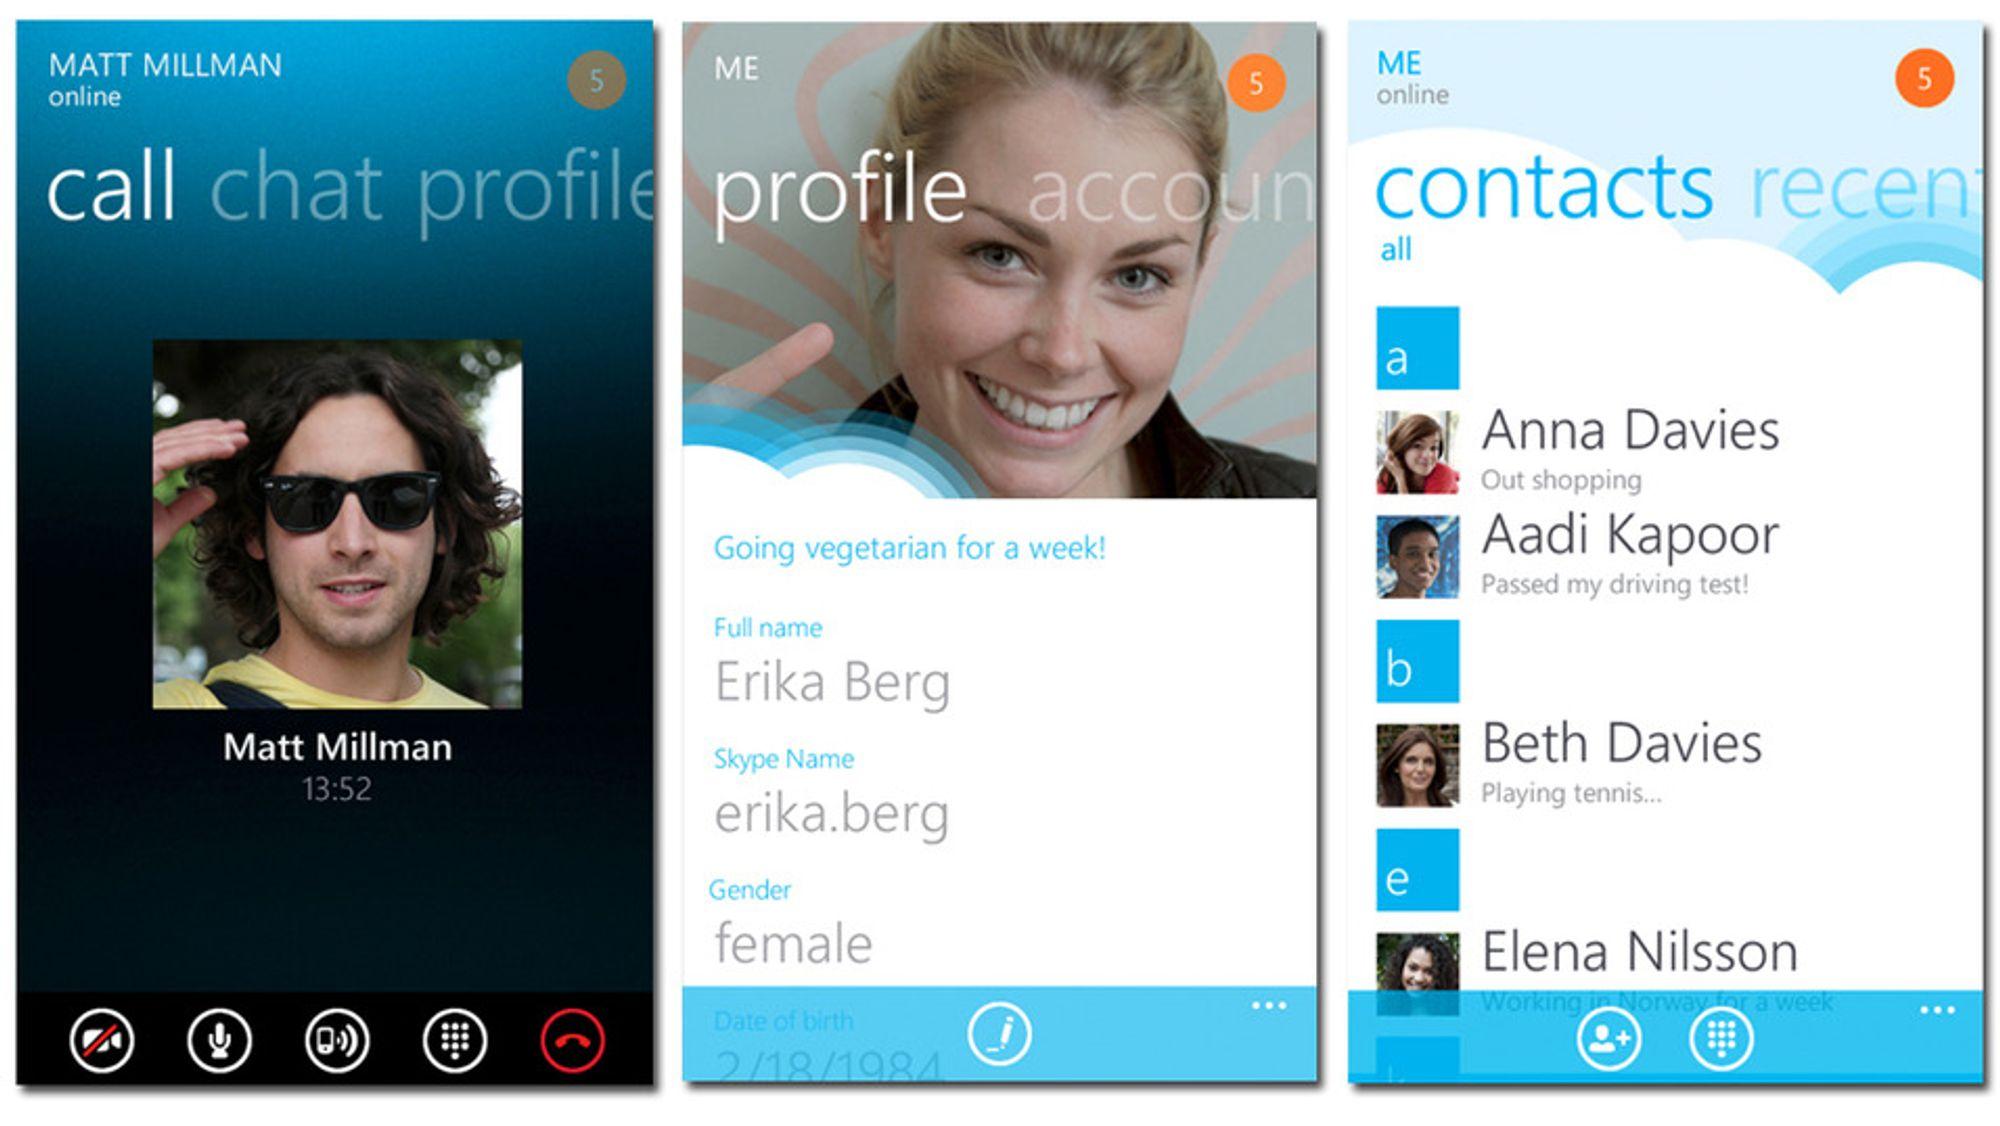 Slik ser brukergrensesnittet ut for Skype i Windows 8.